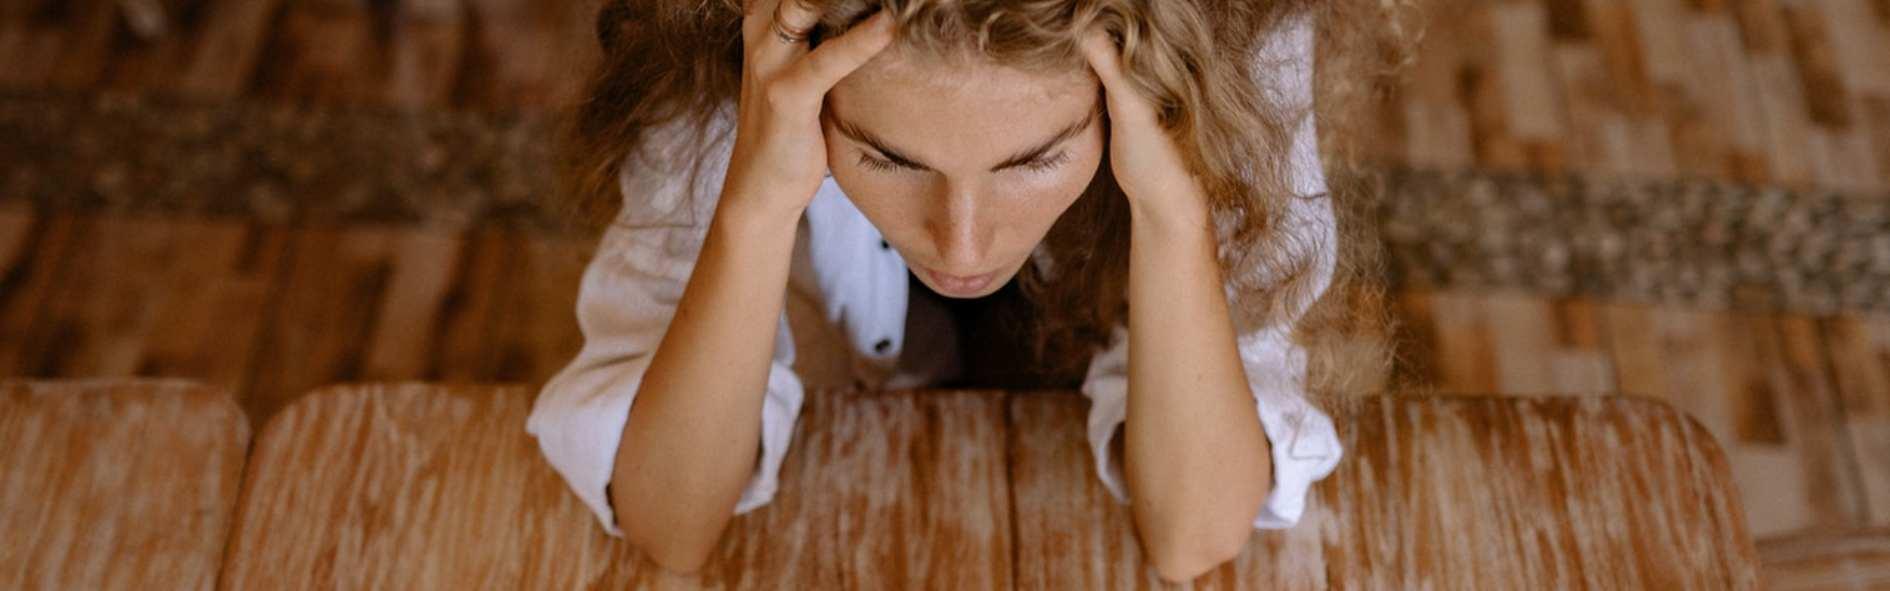 Descubre la depresión postvacacional y cómo superarla con estos tips